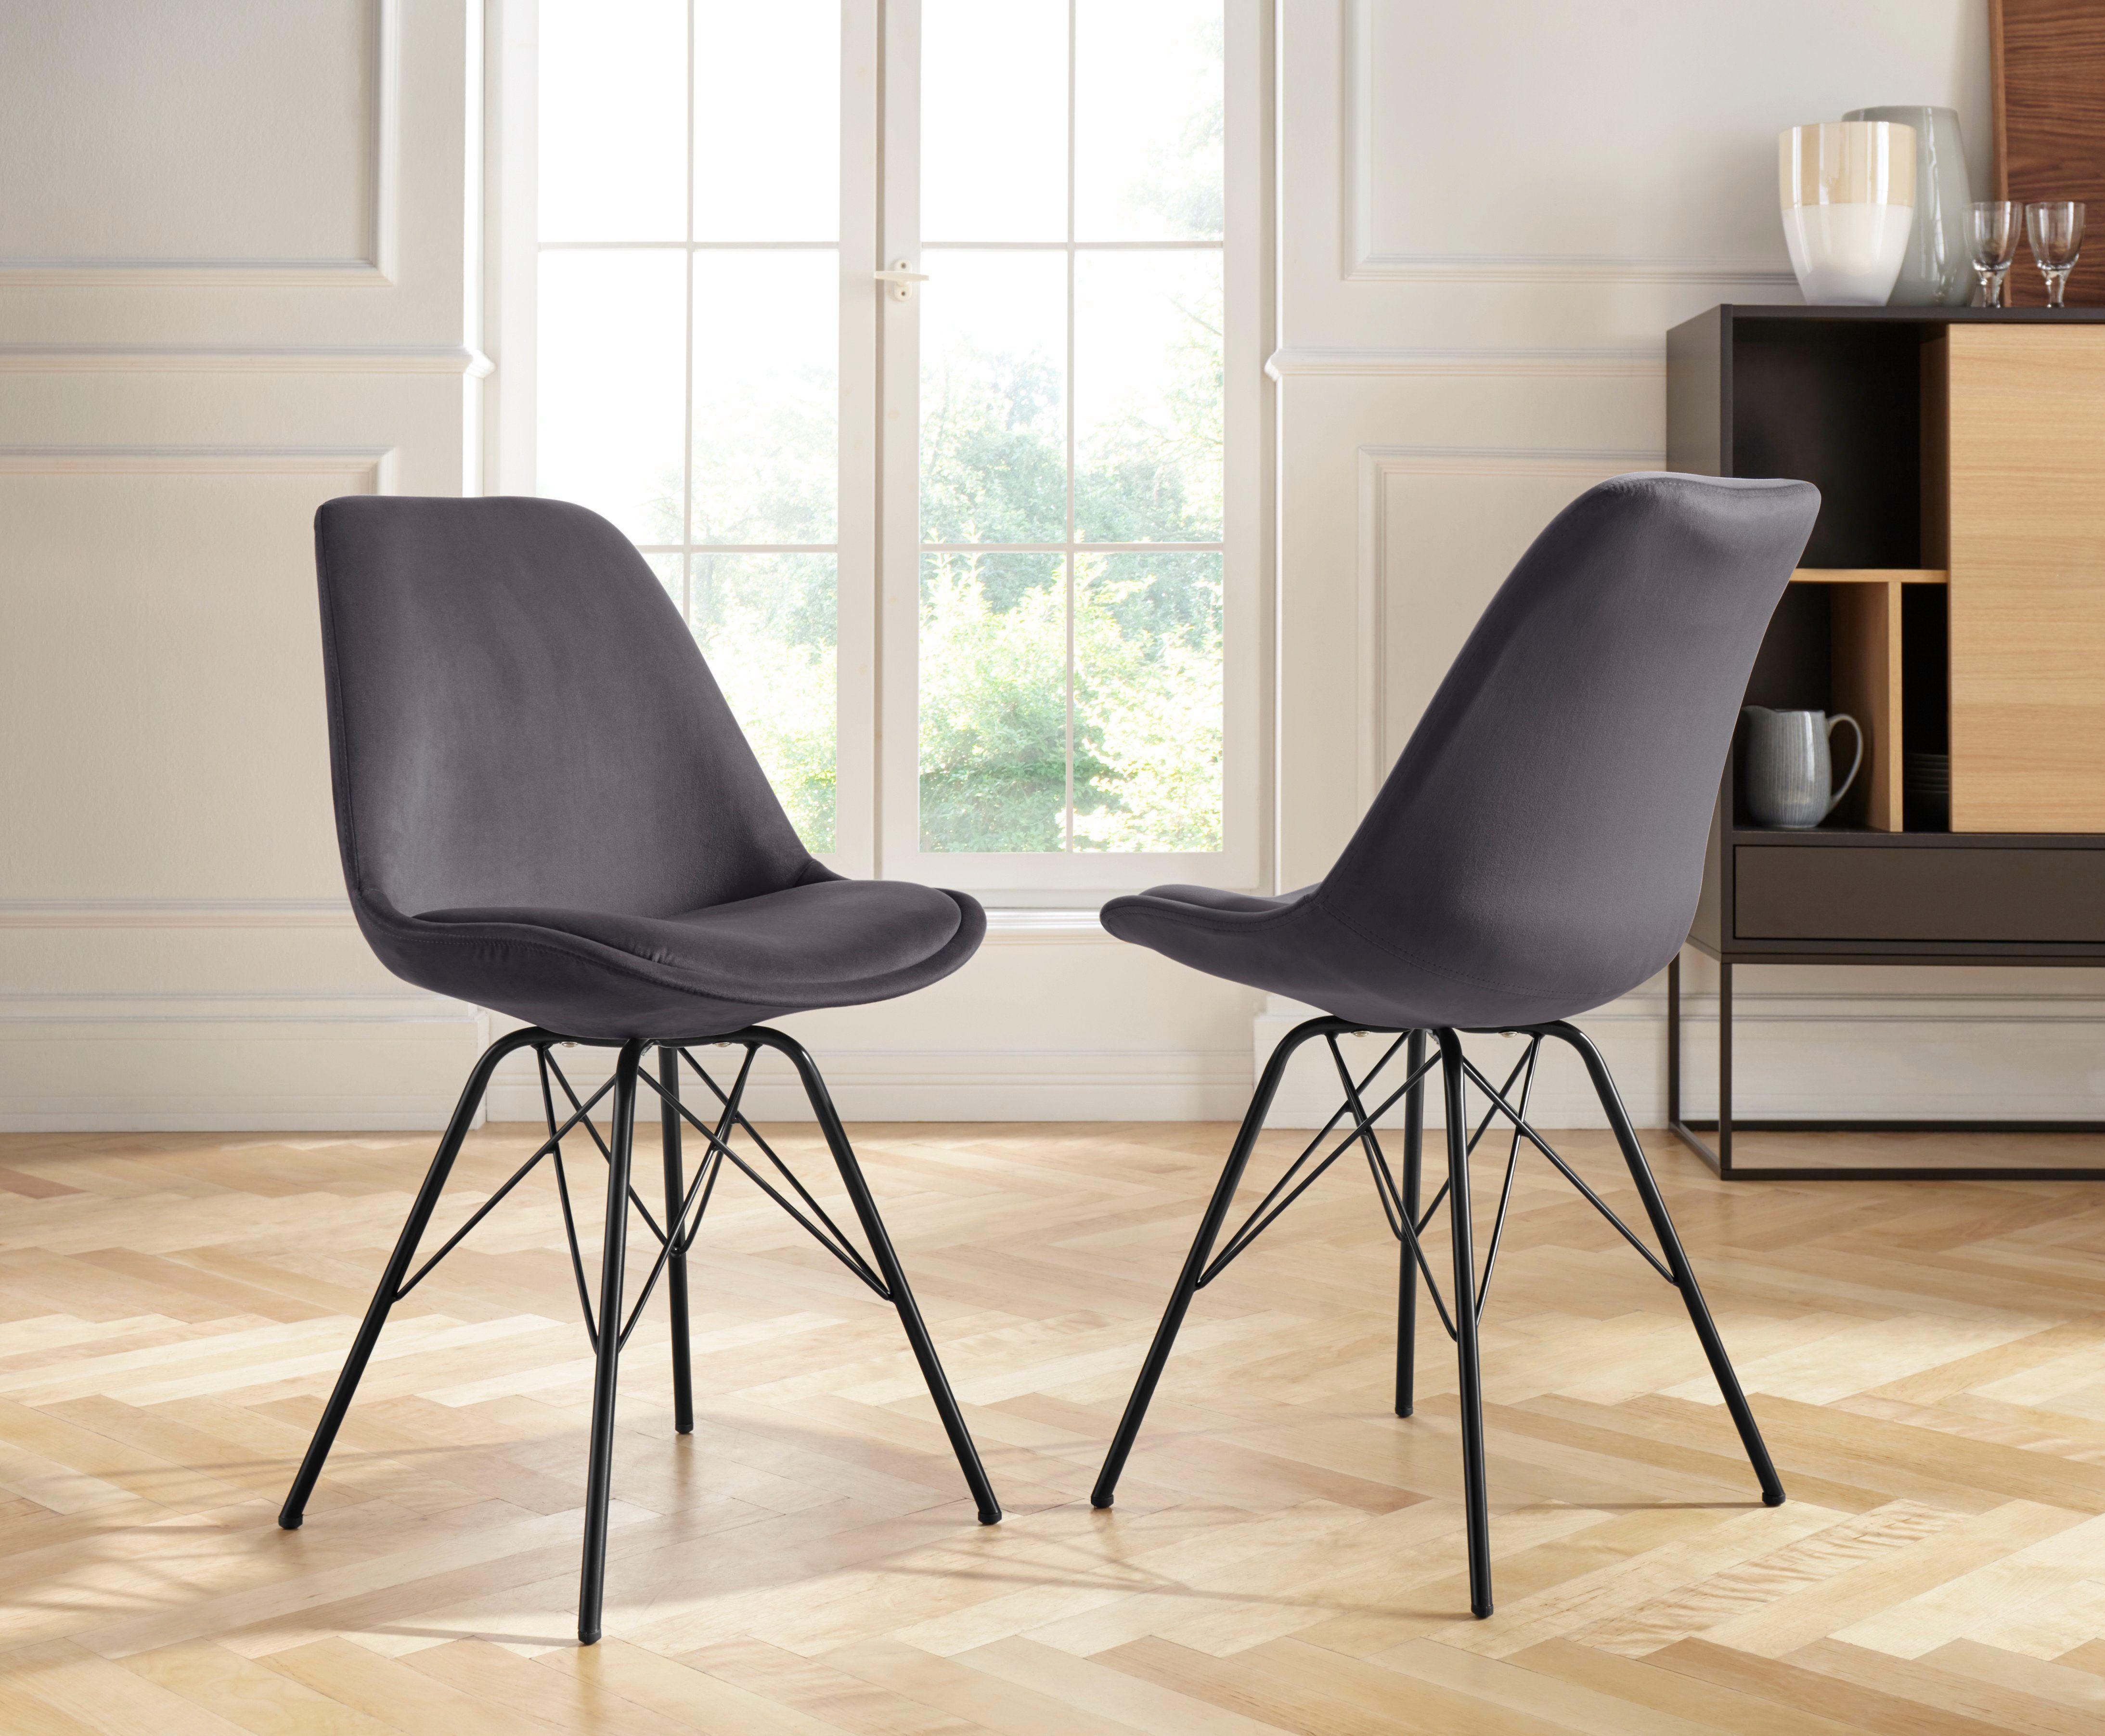 Homexperts Schalenstuhl »Ursel 02« (2 Stück), Sitzschale mit Bezug in Samt online kaufen | OTTO